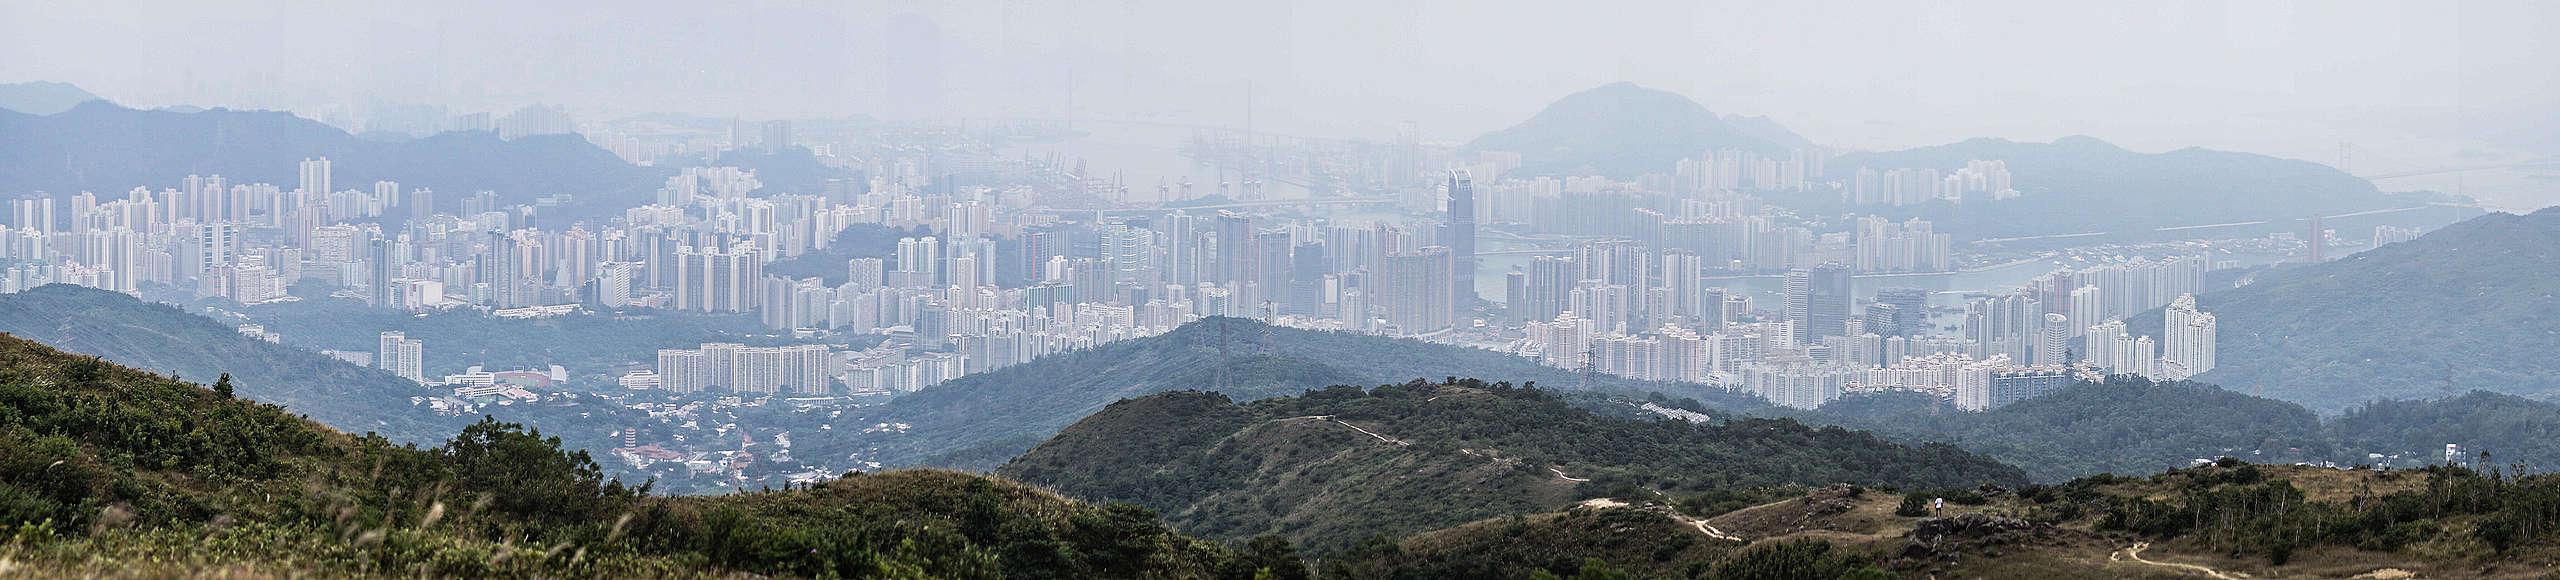 小時候常去的山村已遭拆卸,聰sir現在更想做的,是從急速發展的香港,保護屬於每一個香港人的自然環境。© Kim Leung / Greenpeace